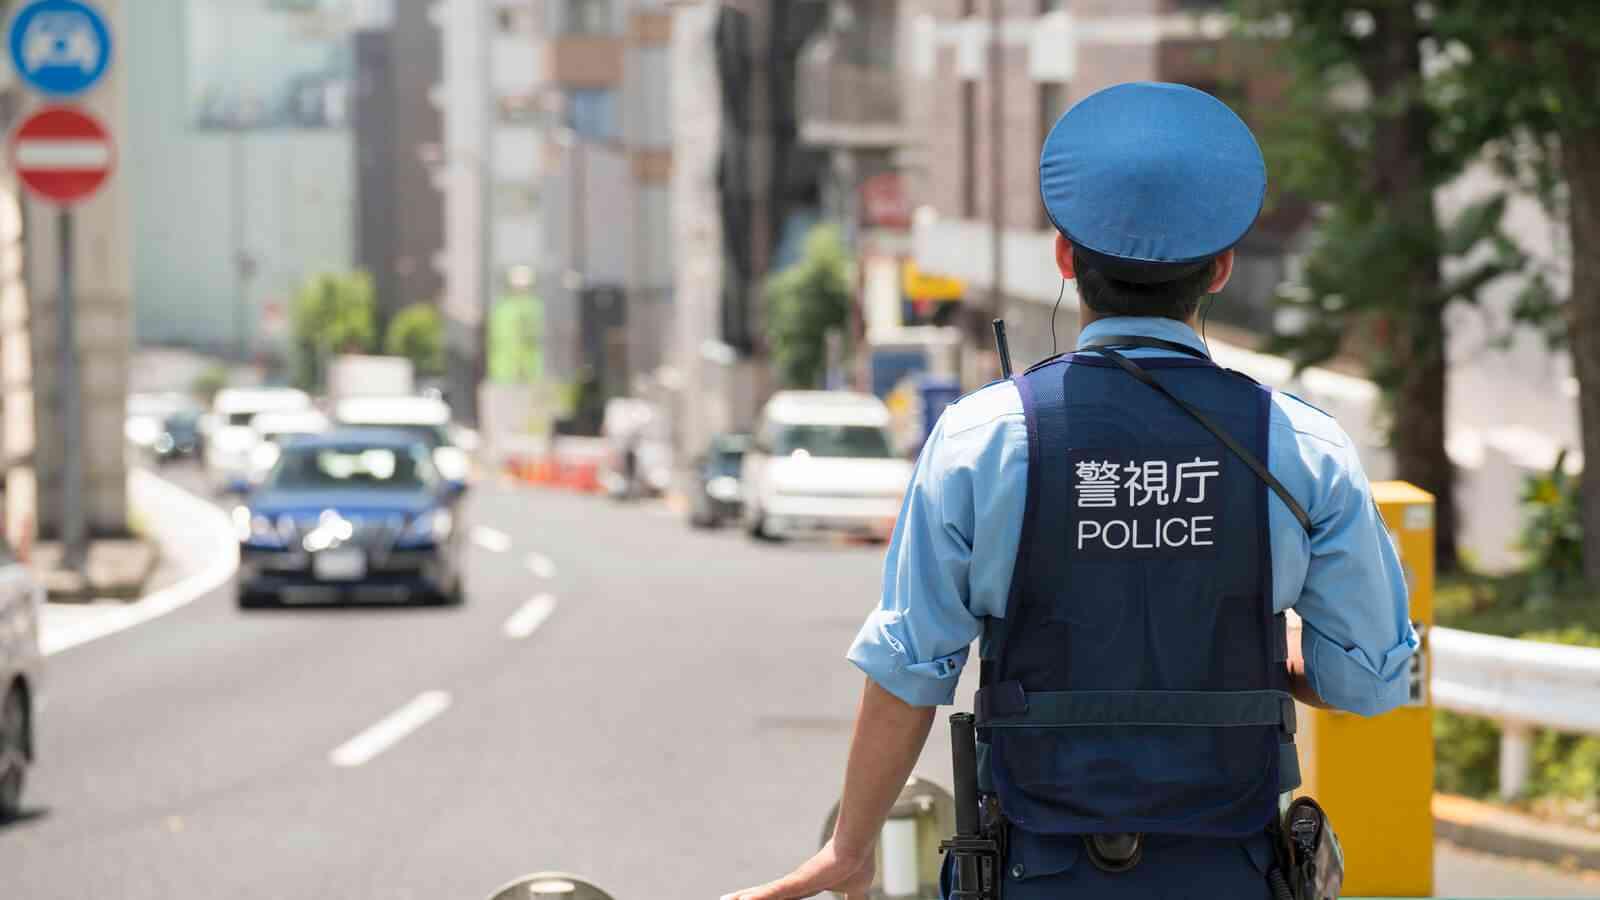 暴行被害者を「くず人間じゃん」「どう見てもくず人間です」交番警官、録音で判明…福岡